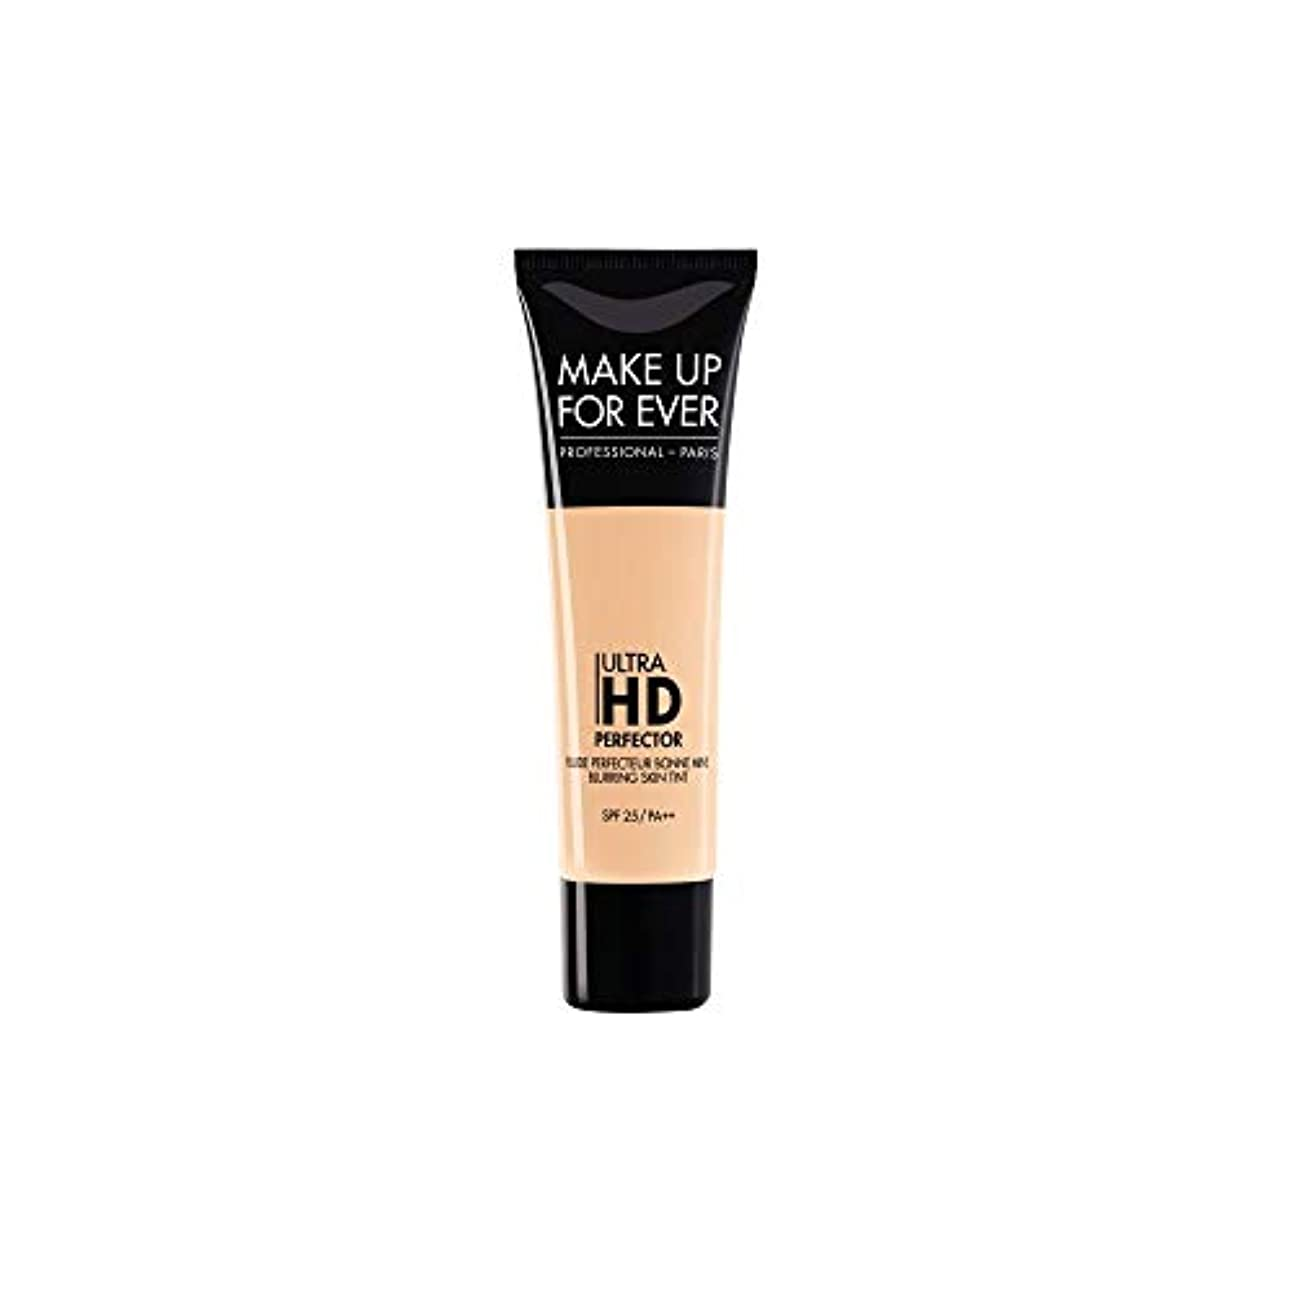 フォーマット雪だるま亡命メイクアップフォーエバー Ultra HD Perfector Blurring Skin Tint SPF25 - # 02 Pink Sand 30ml/1.01oz並行輸入品